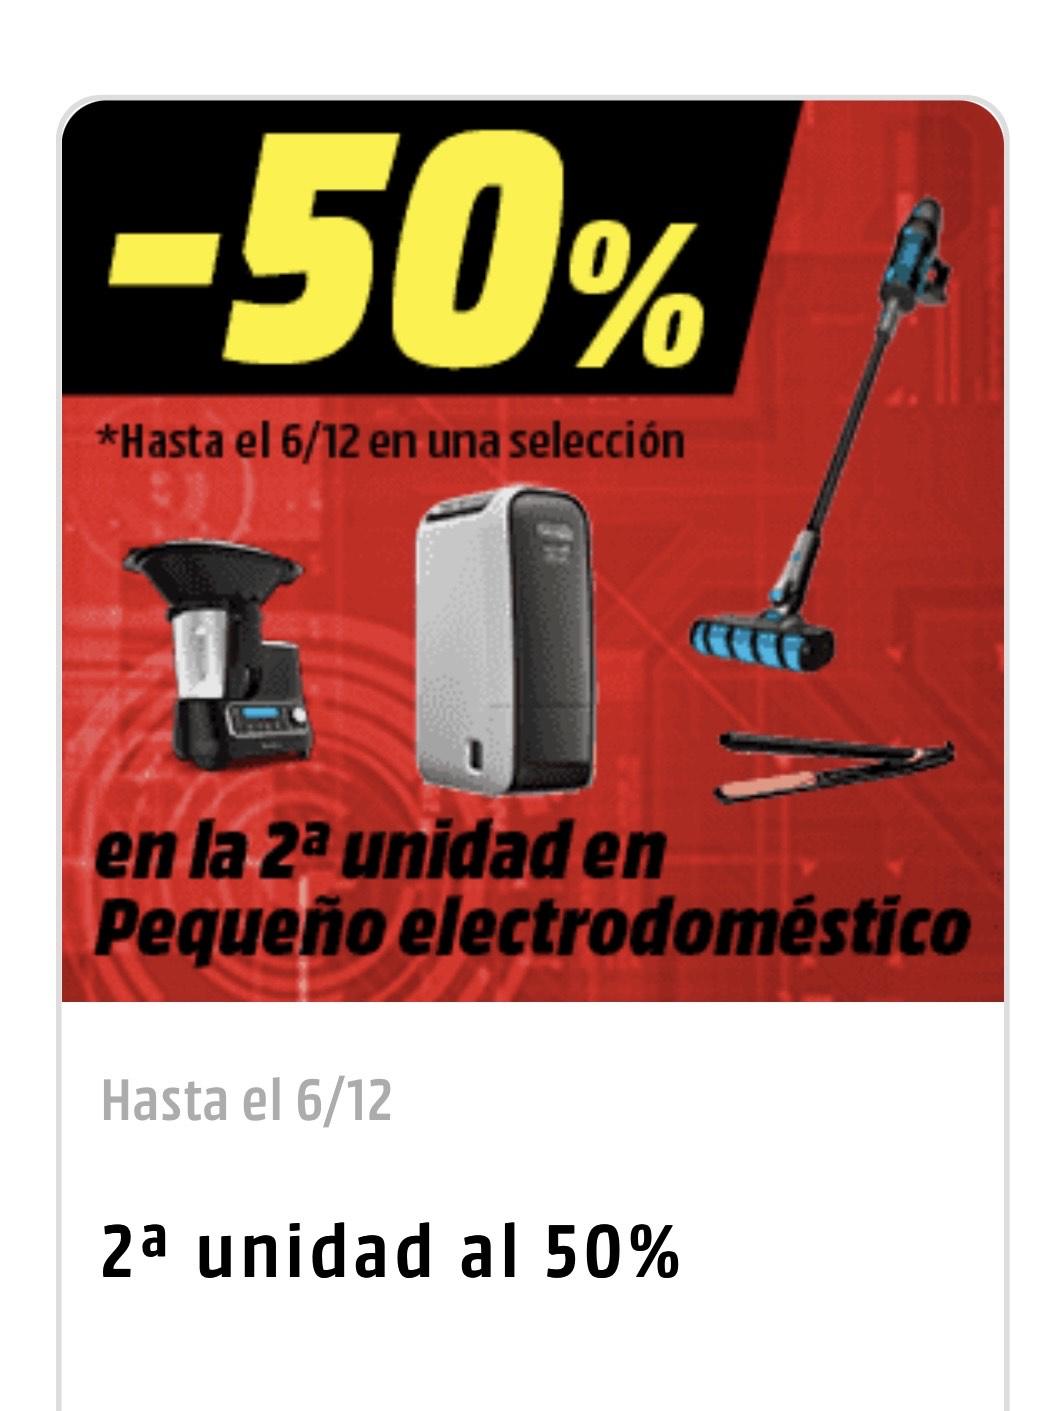 2 unidad al 50% en pequeño electrodoméstico (180 artículos )